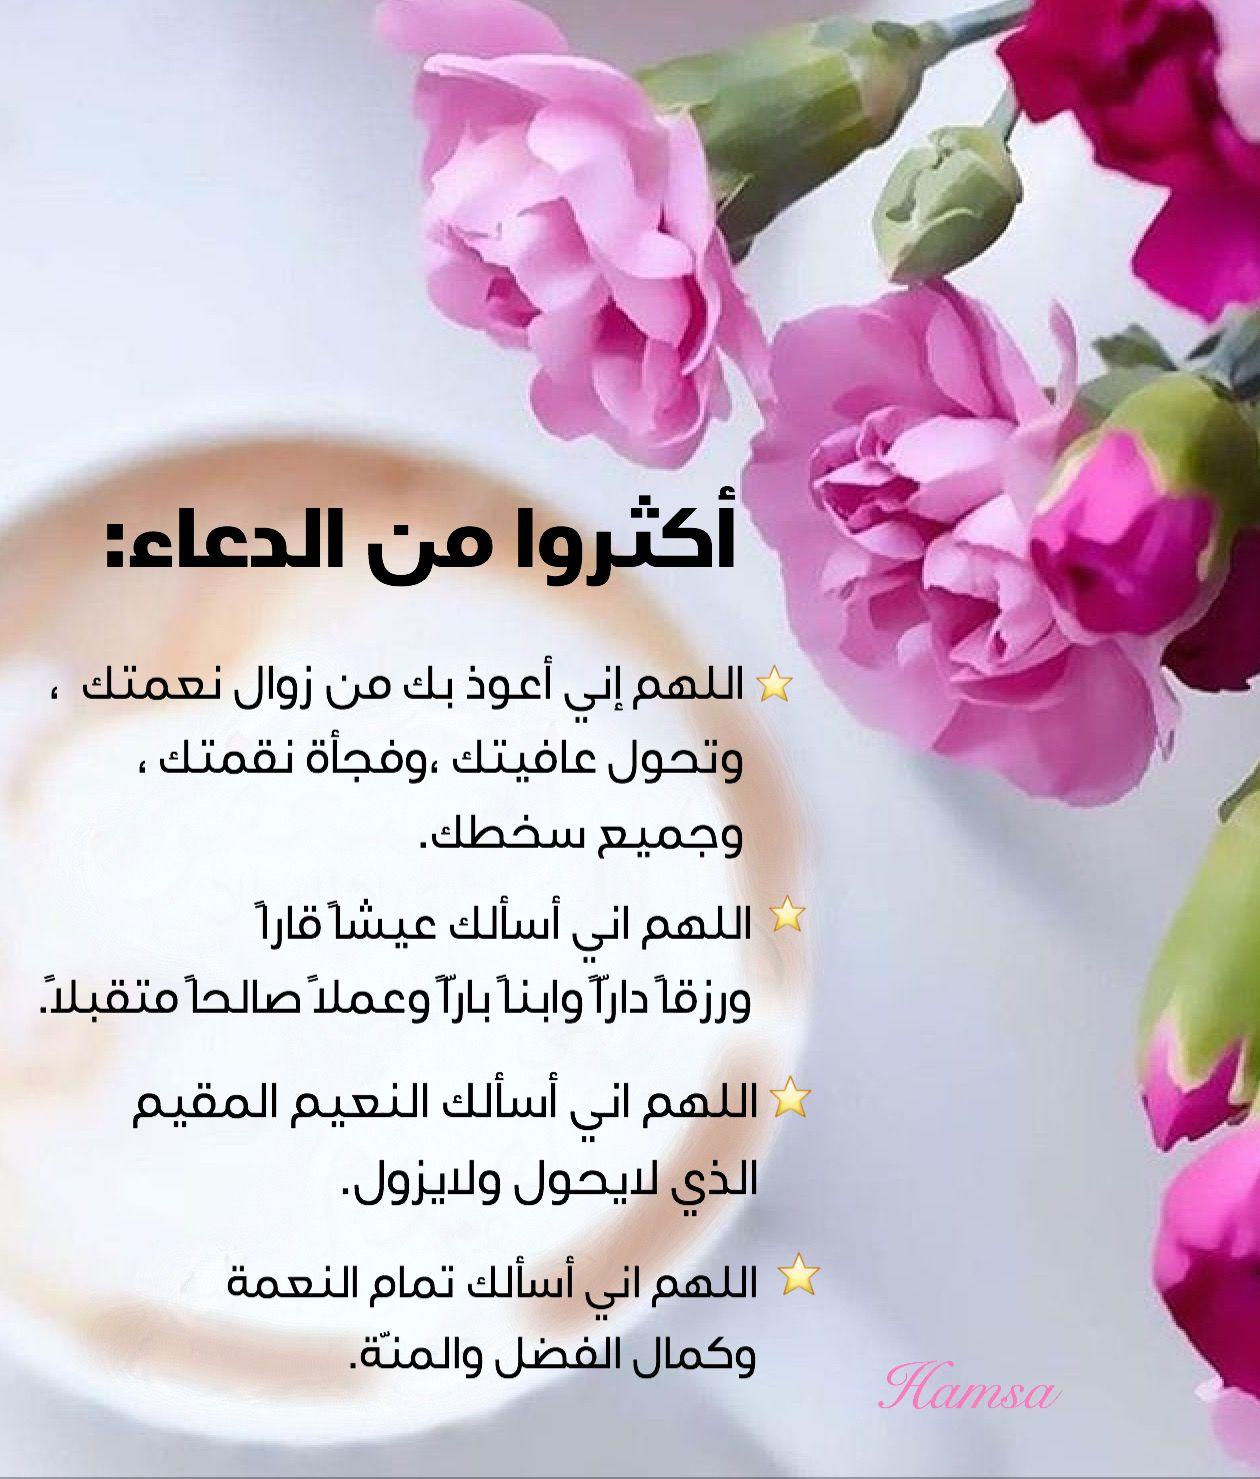 اللهم انى اعوذ بك من زوال نعمتك وتحول عافيتك وفجأة نقمتك وجميع سخطك لا اله الا انت Islam Hadith Hadith Quran